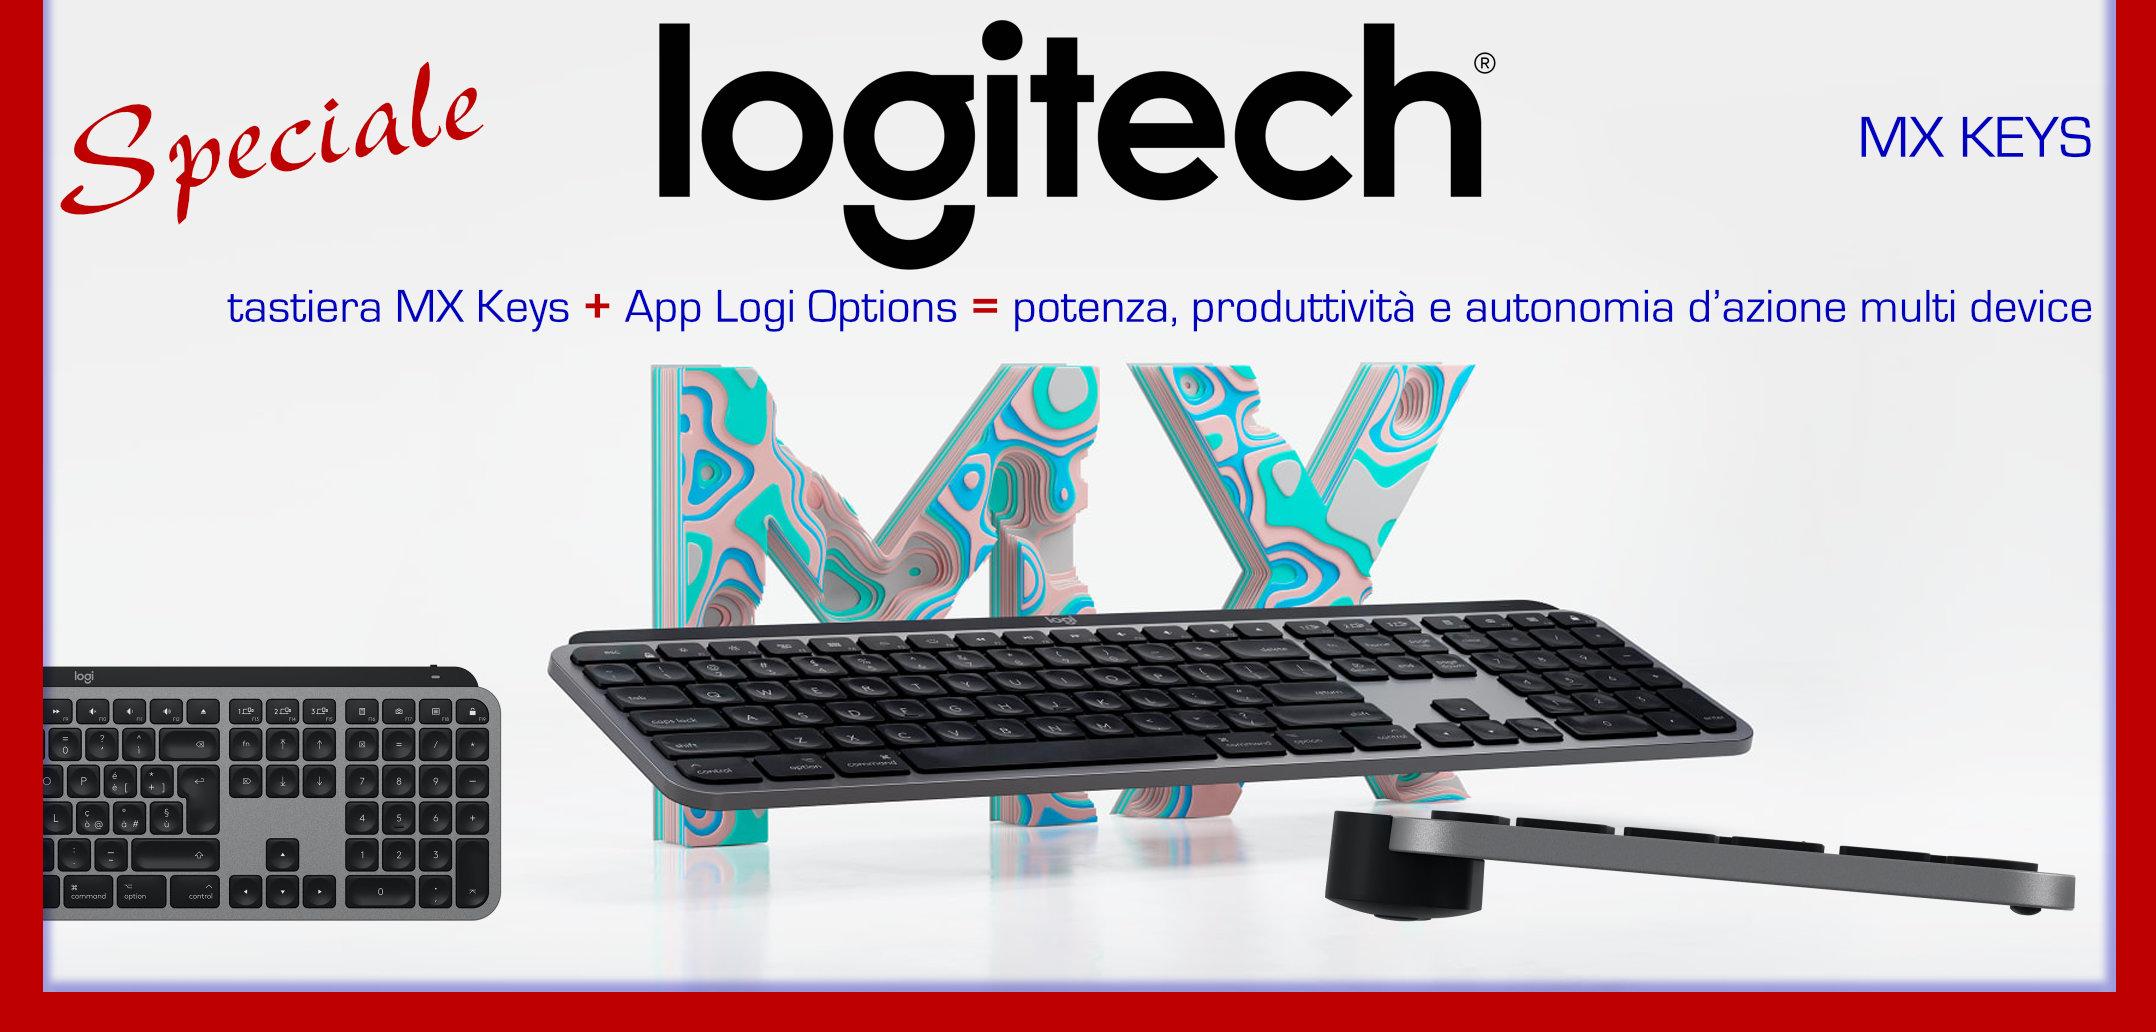 Tecnologia Amica / Logitech MX Keys: una tastiera per la produttività dei Professionisti e la comodità dei Disabili